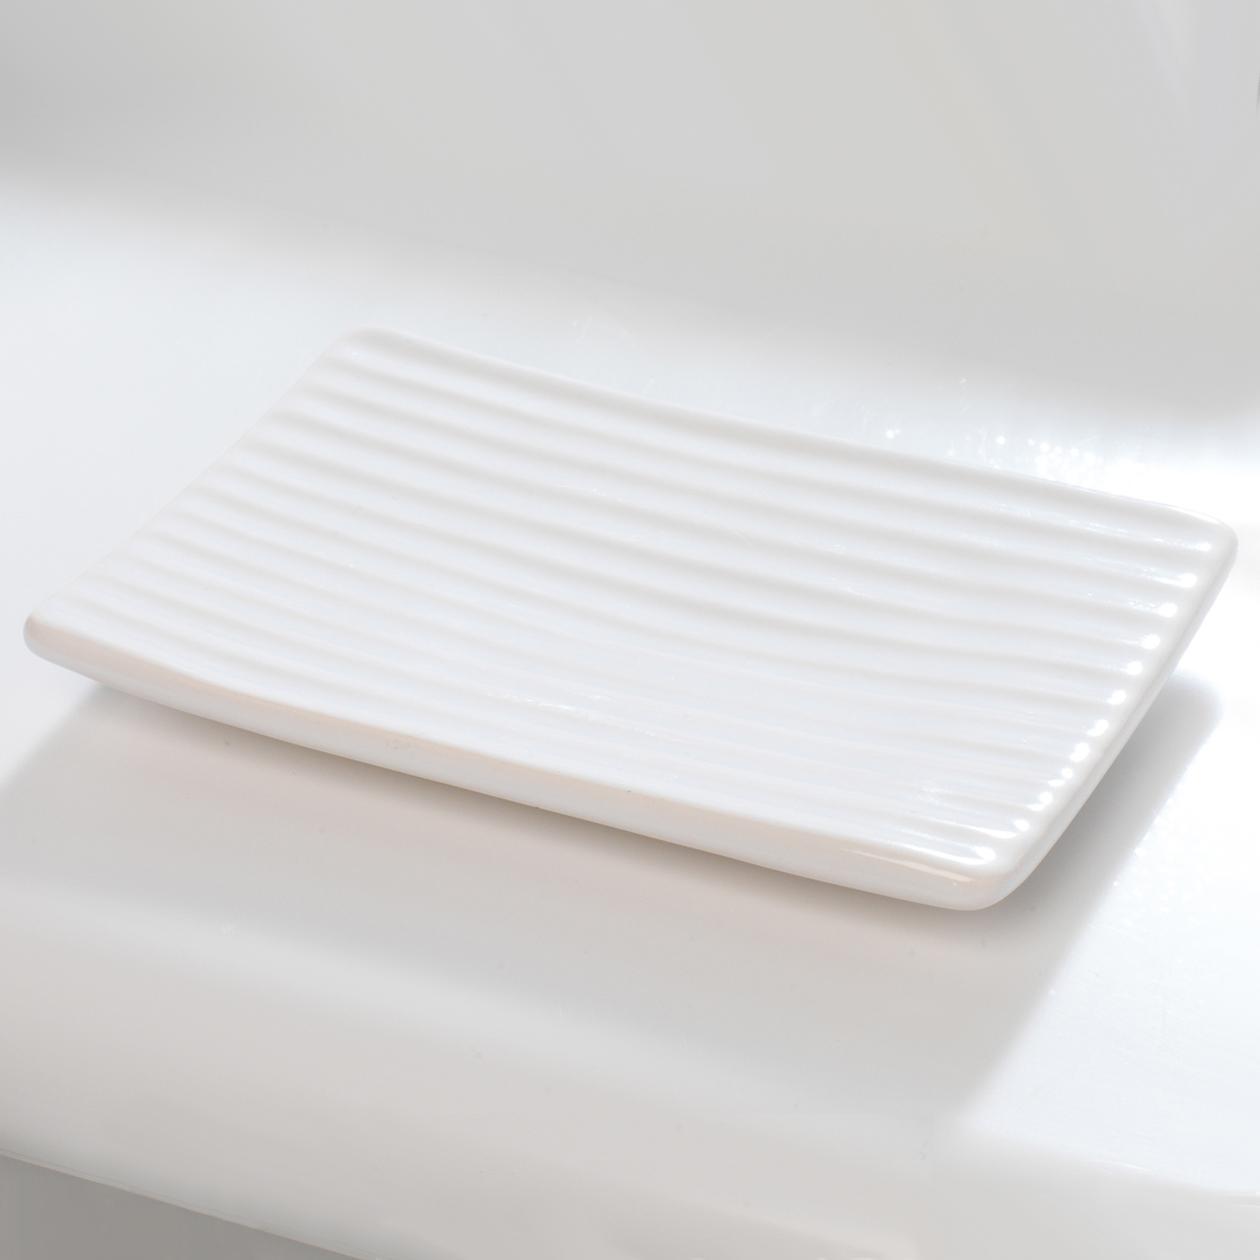 Beldray Dolomite Ceramic Bathroom Soap Dish White Beldray